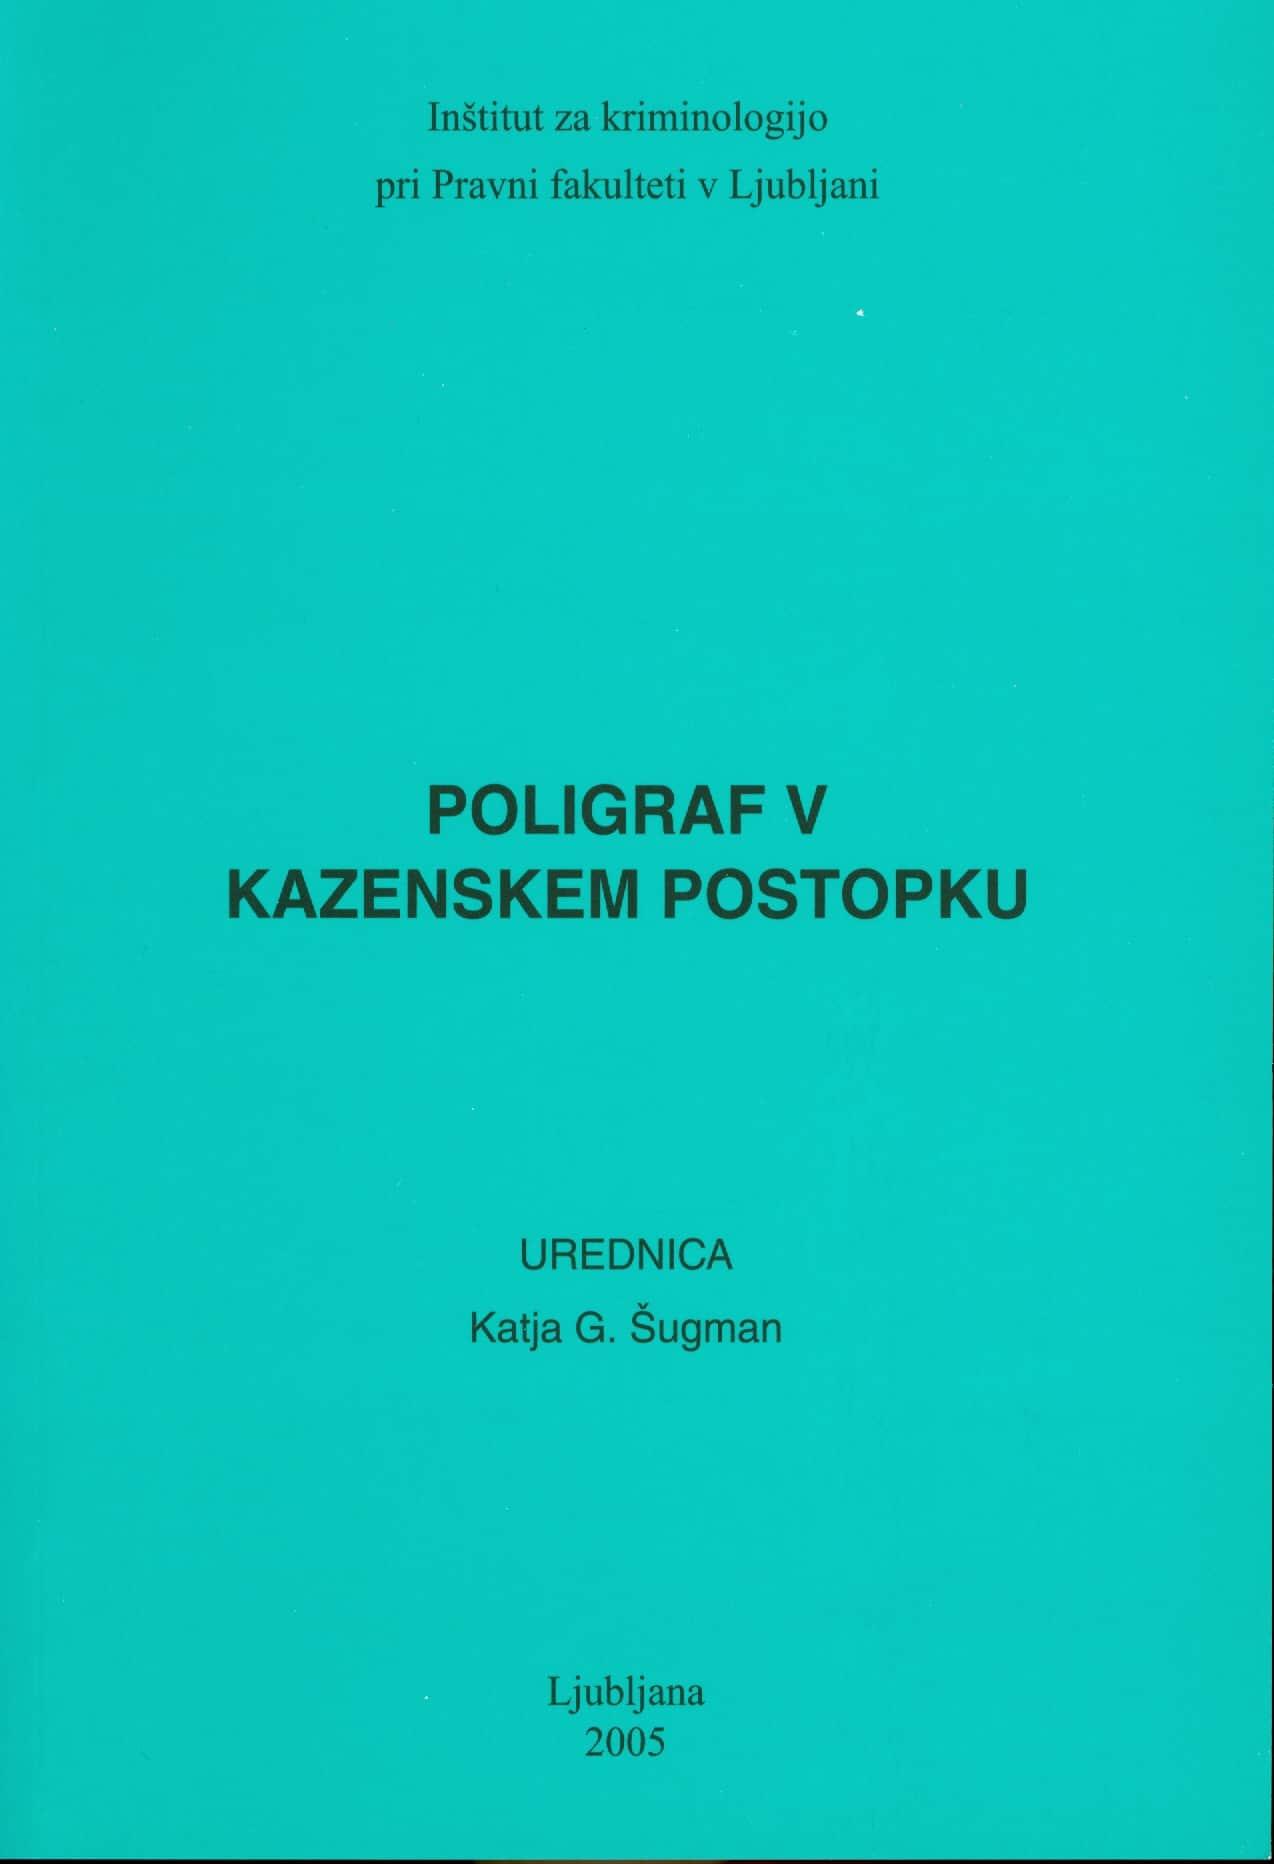 Poligraf v kazenskem postopku